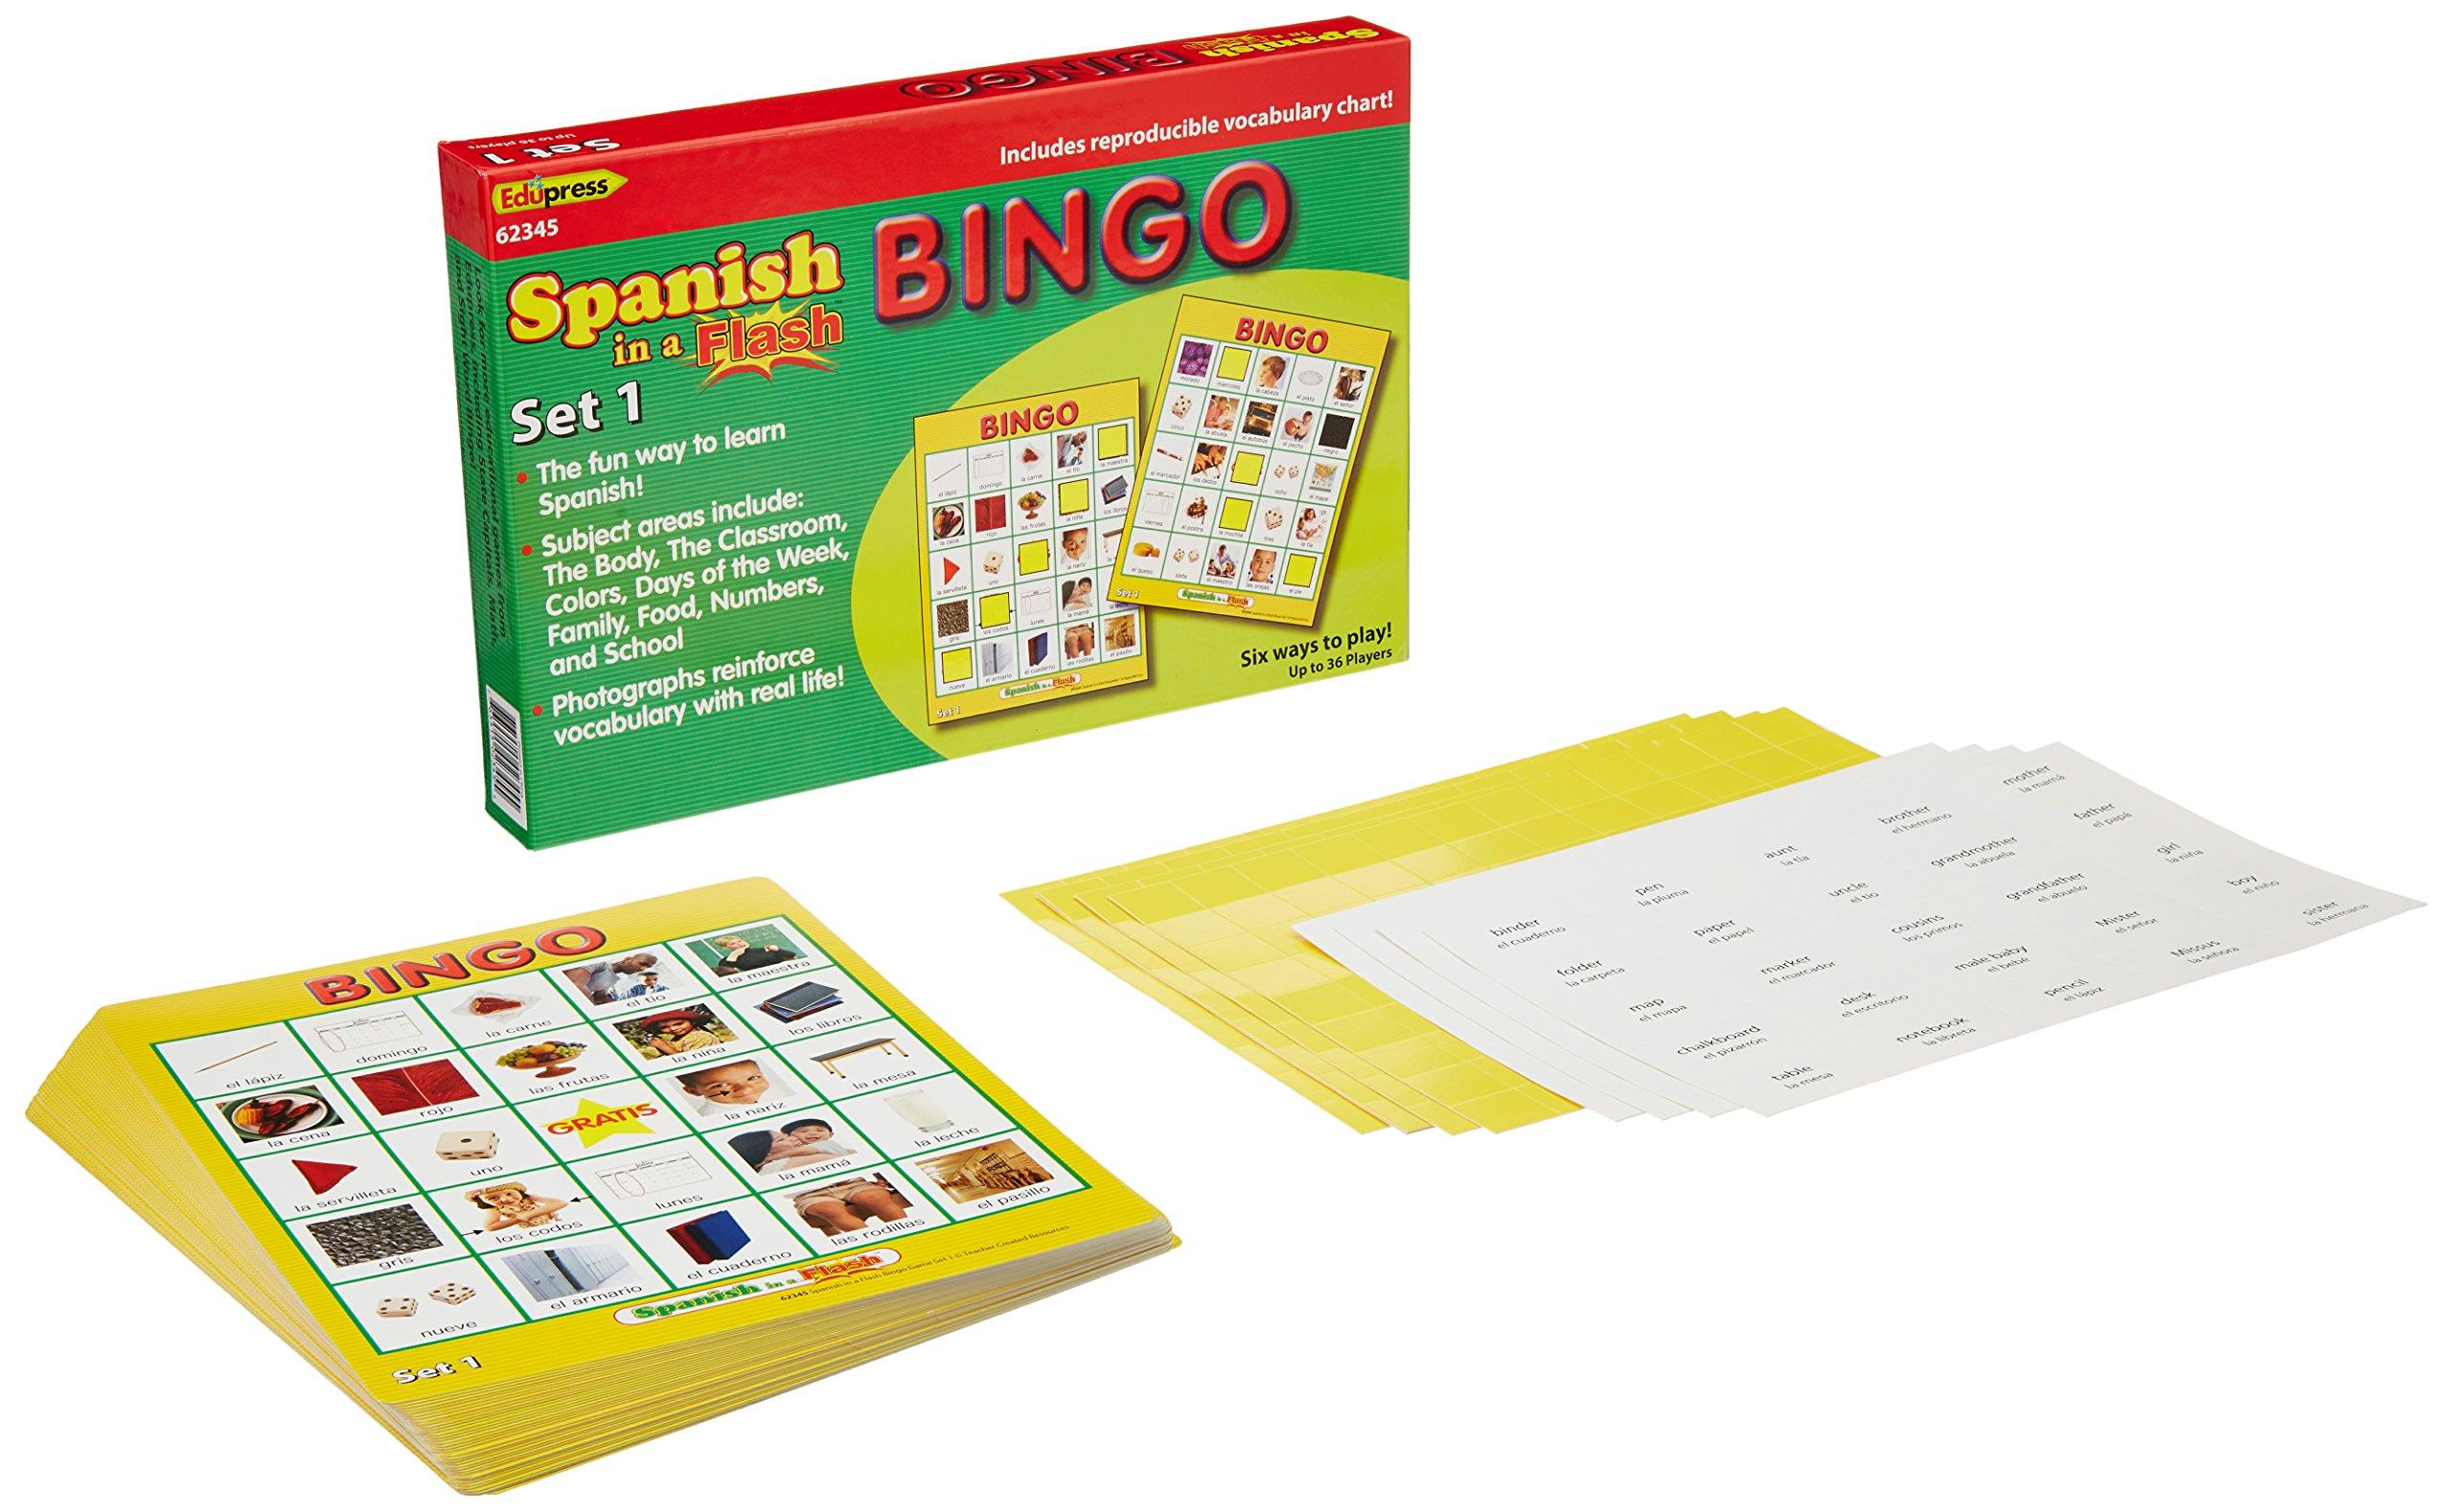 Edupress-EP-2345-Spanisch-in-einem-Flash-Bingo-Set-1